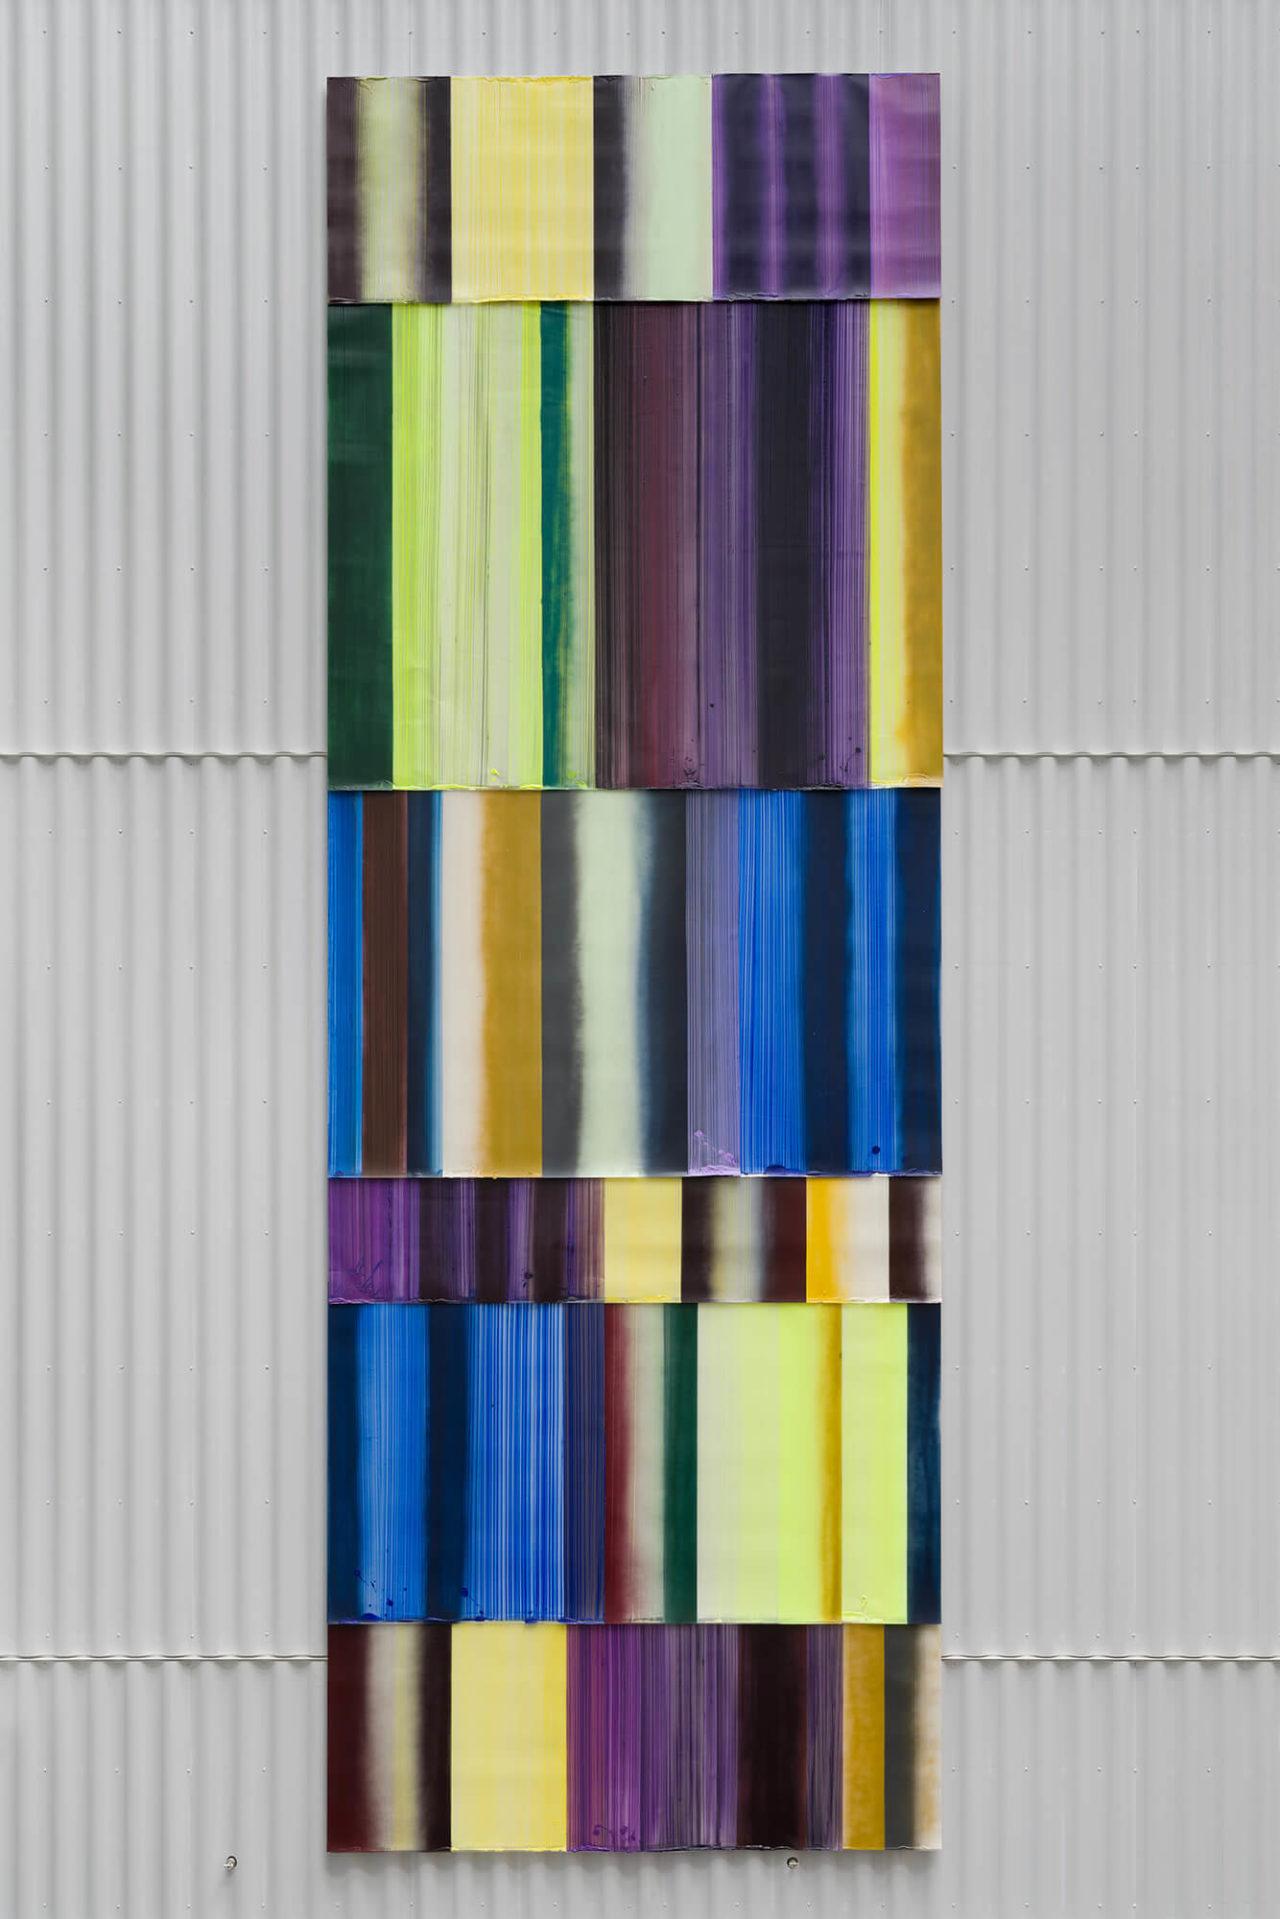 Ruth Campaus kunstværk Rapidly Varied Channel Flow på Campus Carlsberg